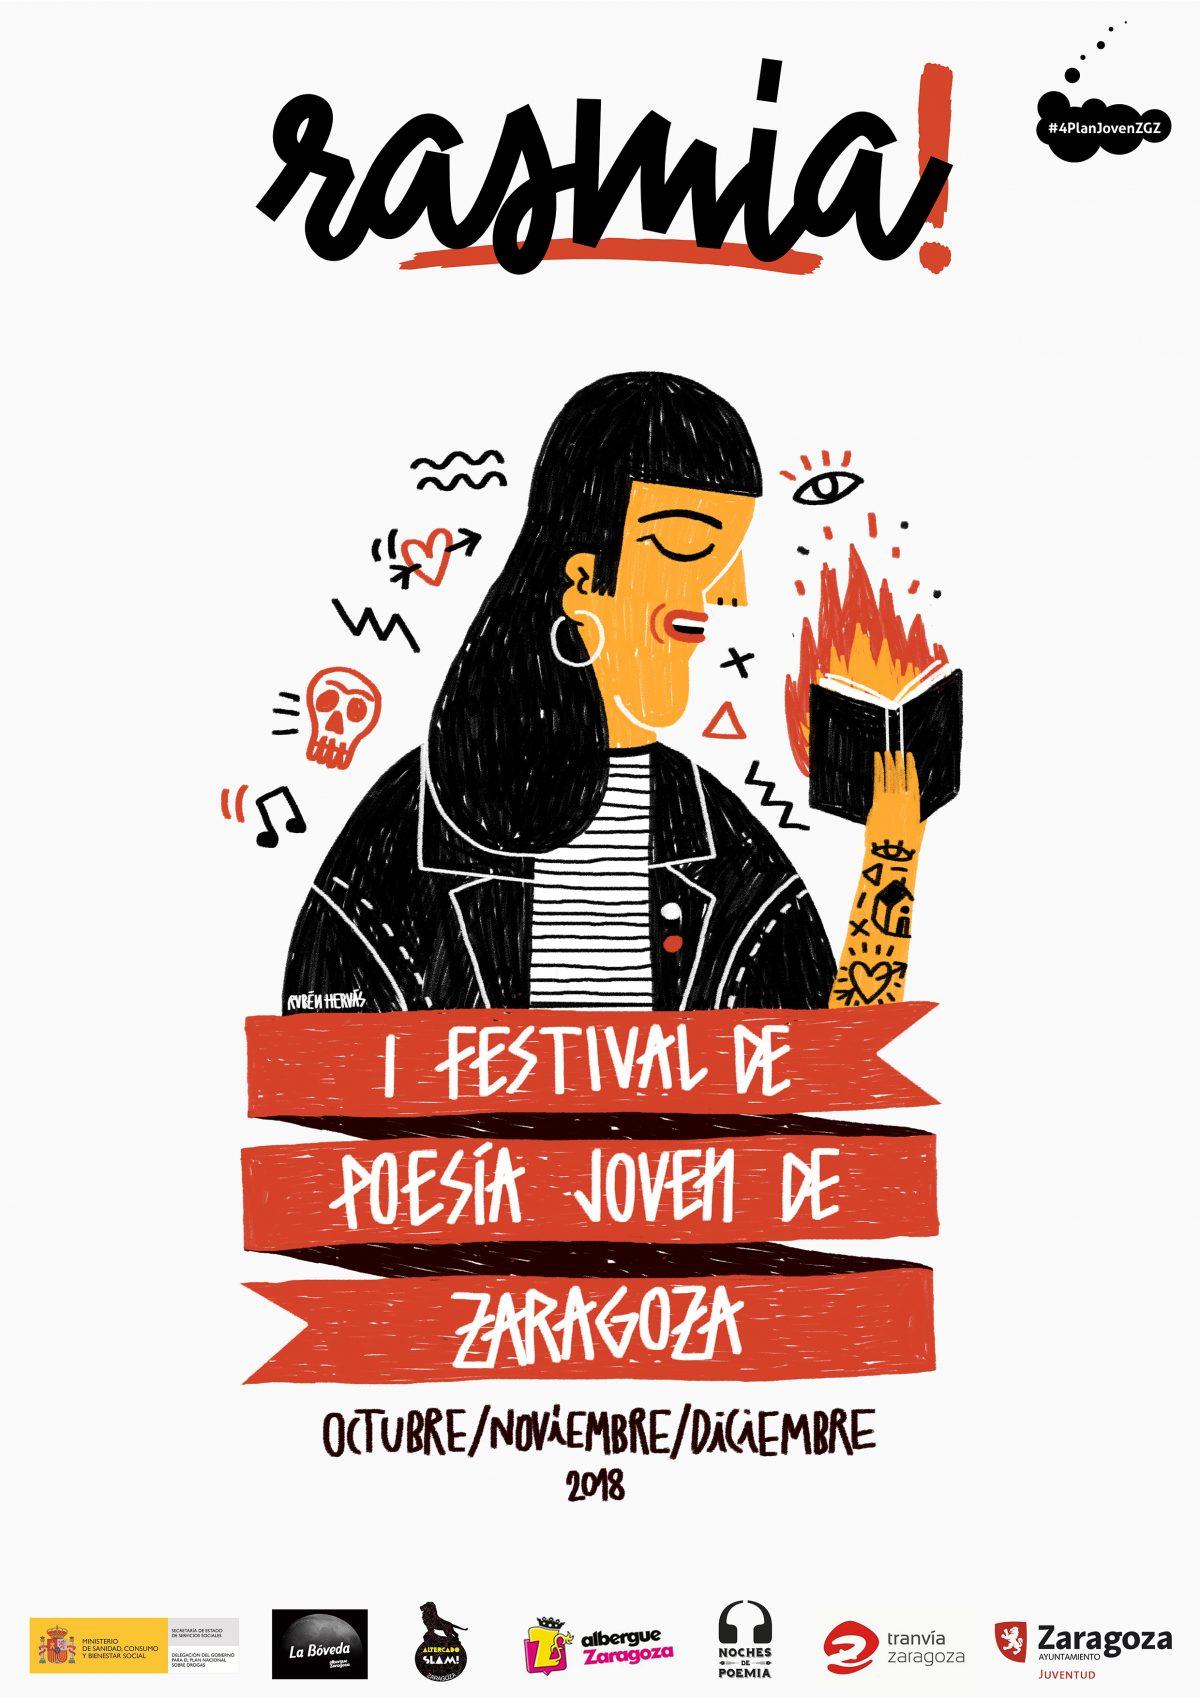 Los jóvenes inundan de poesía las calles de Zaragoza con el festival Rasmia